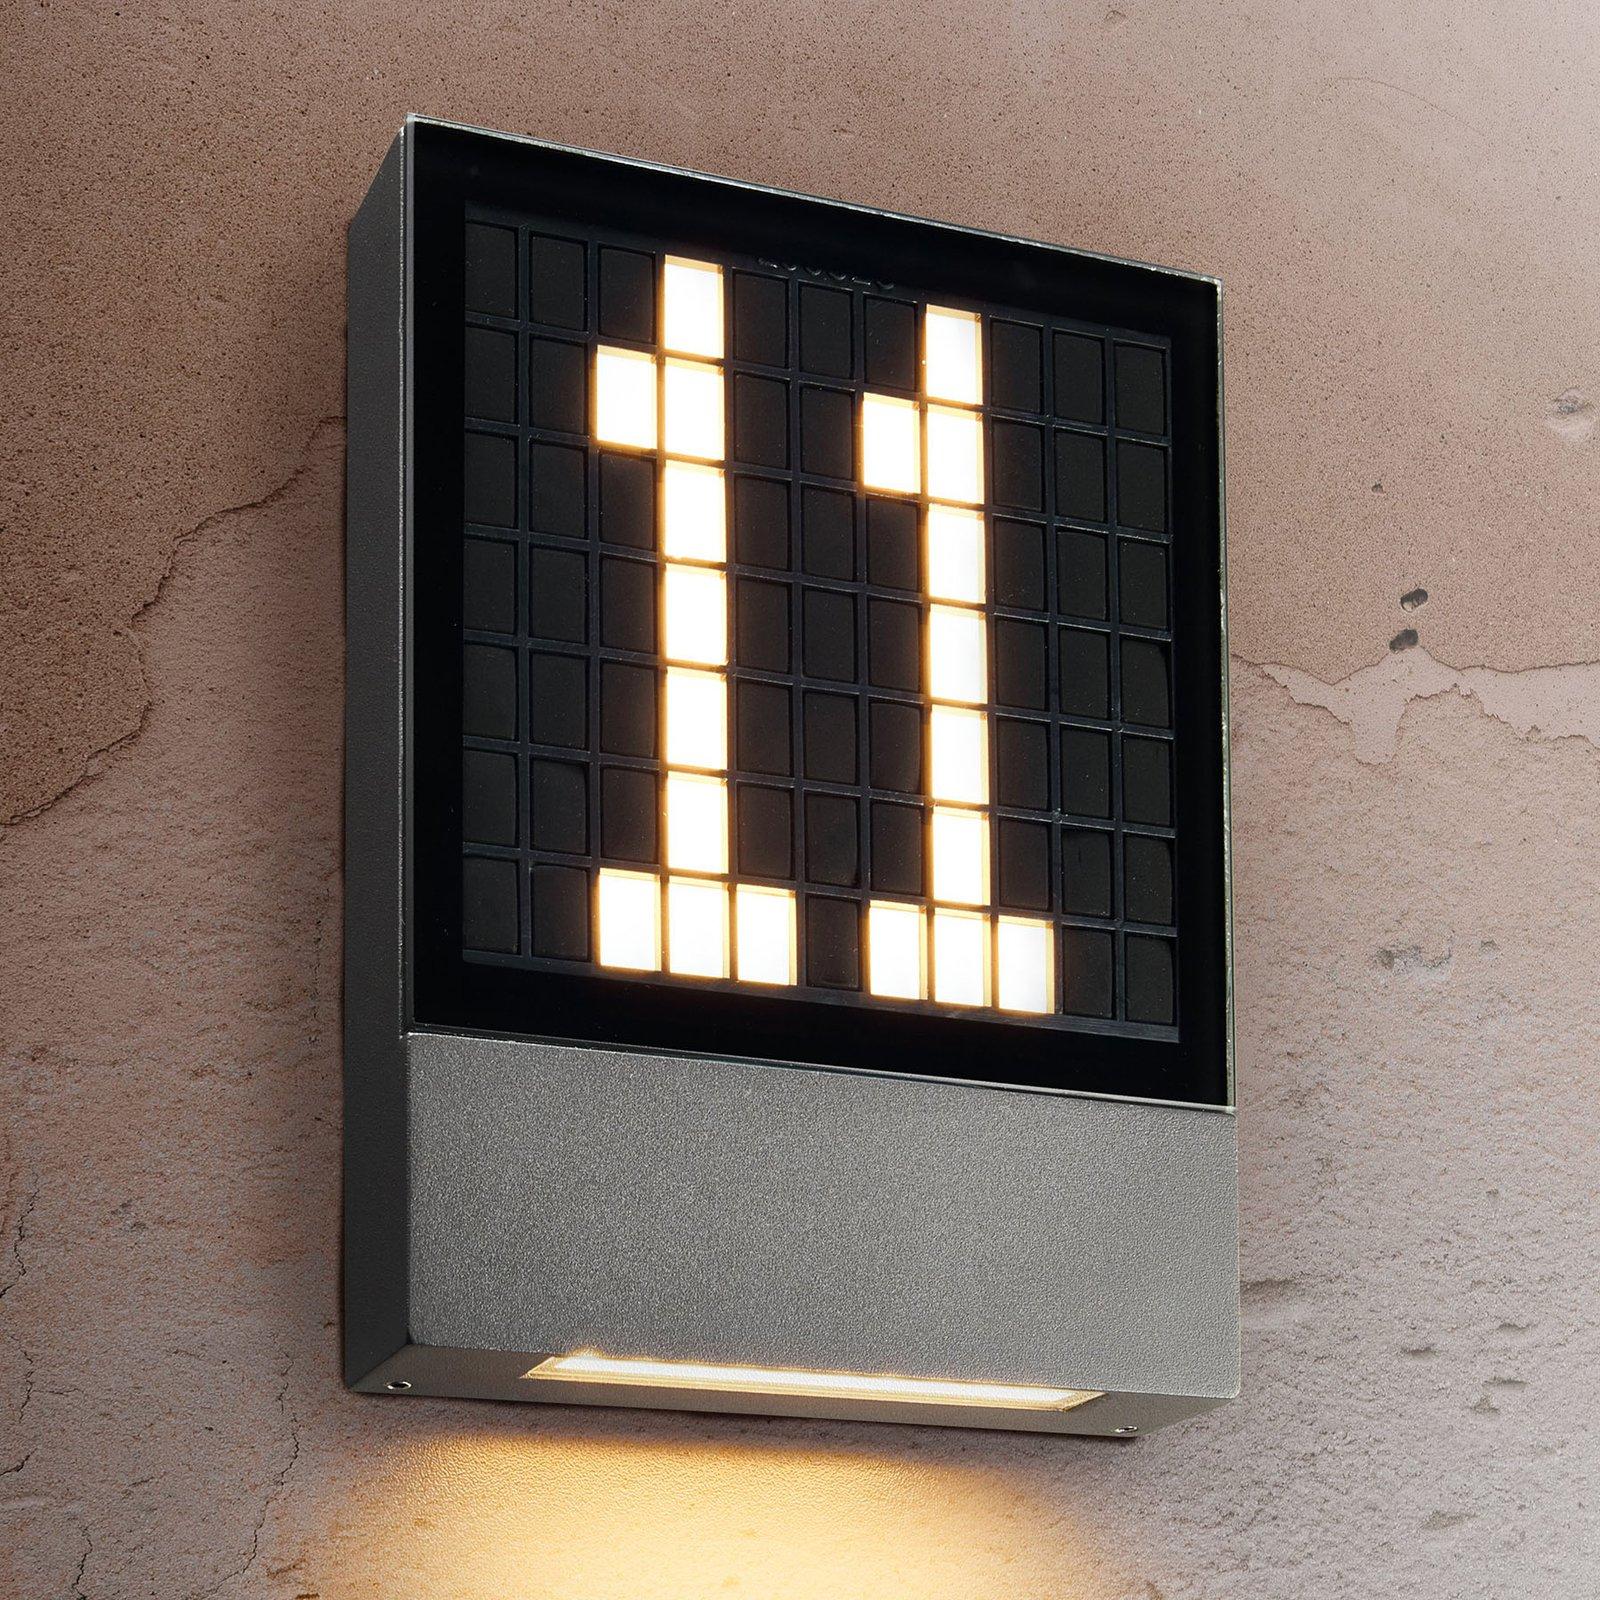 LED-husnummerlampe Pavia med pluggsystem